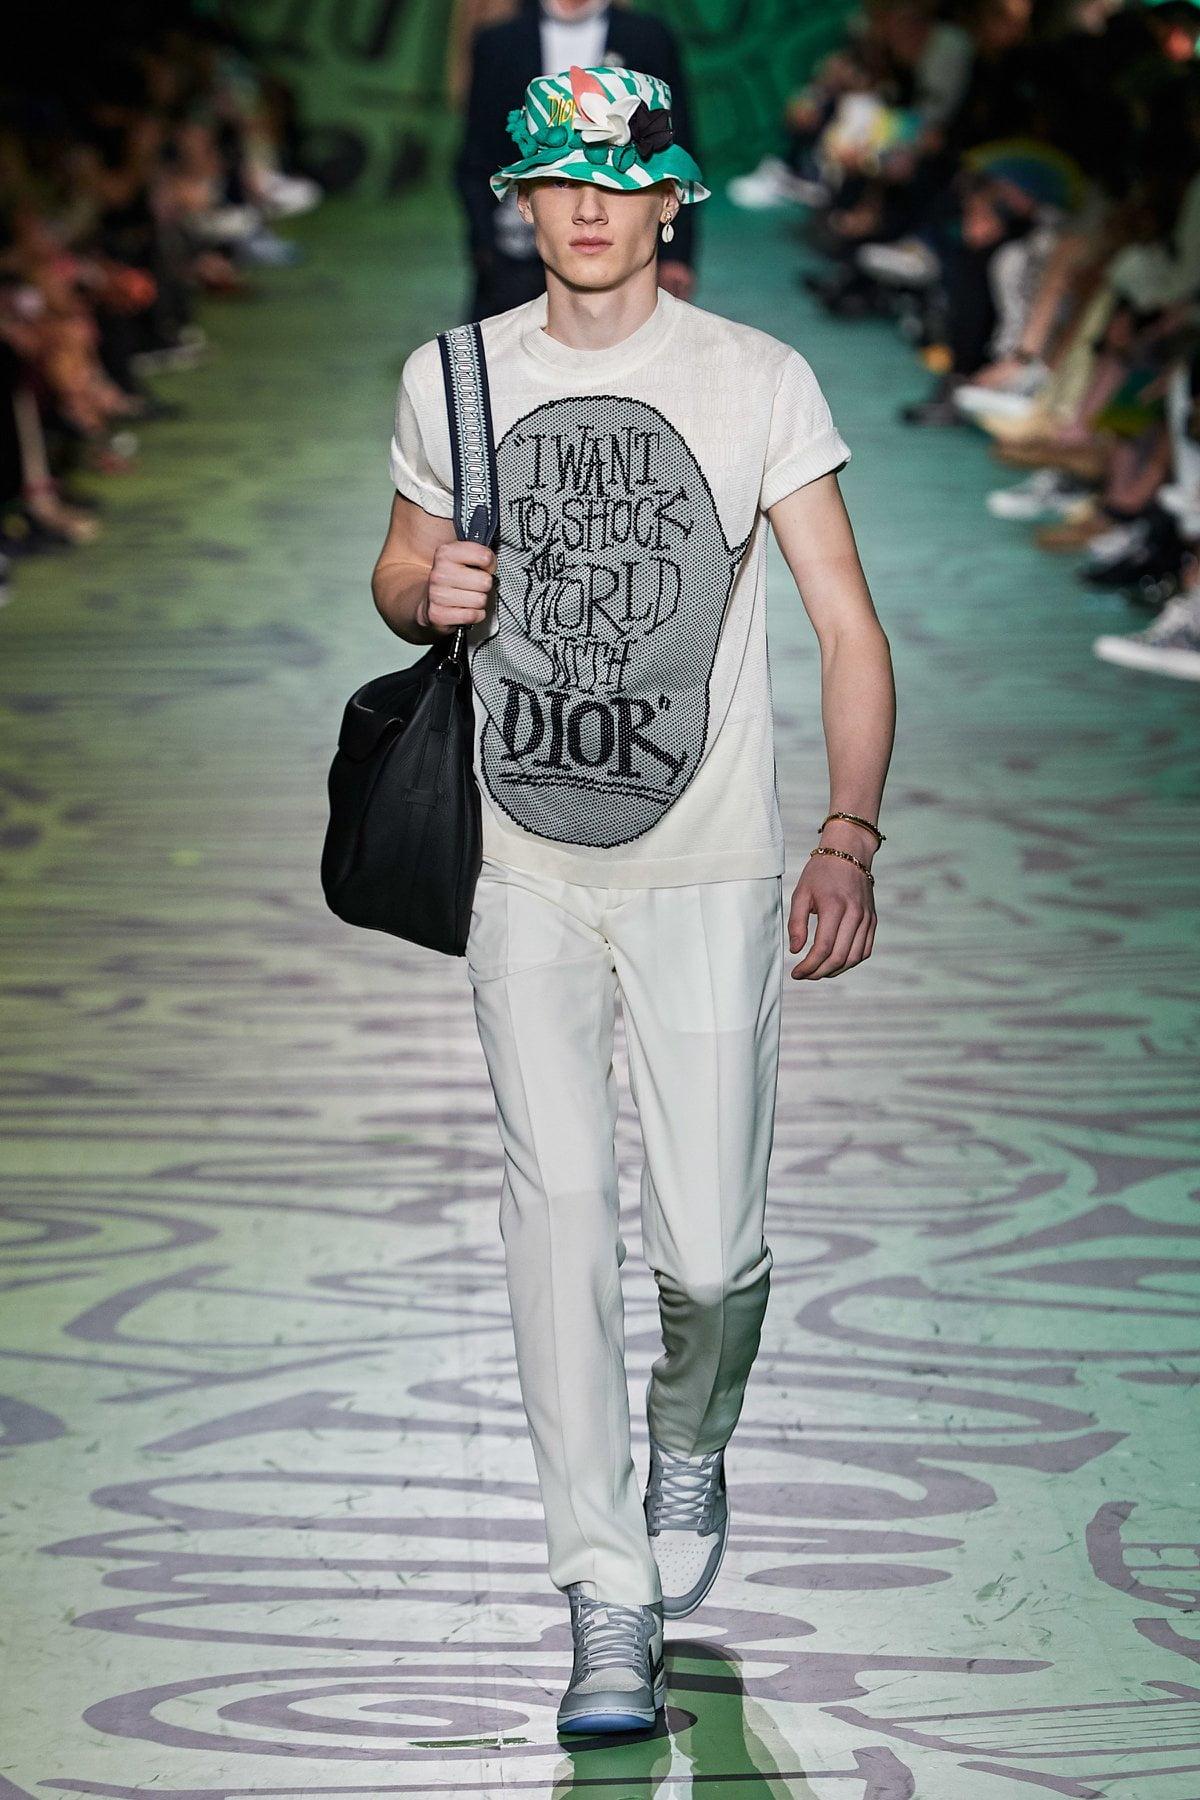 Dior muốn đánh gục cả thế giới với dòng thời trang nam đầy nhục cảm 7